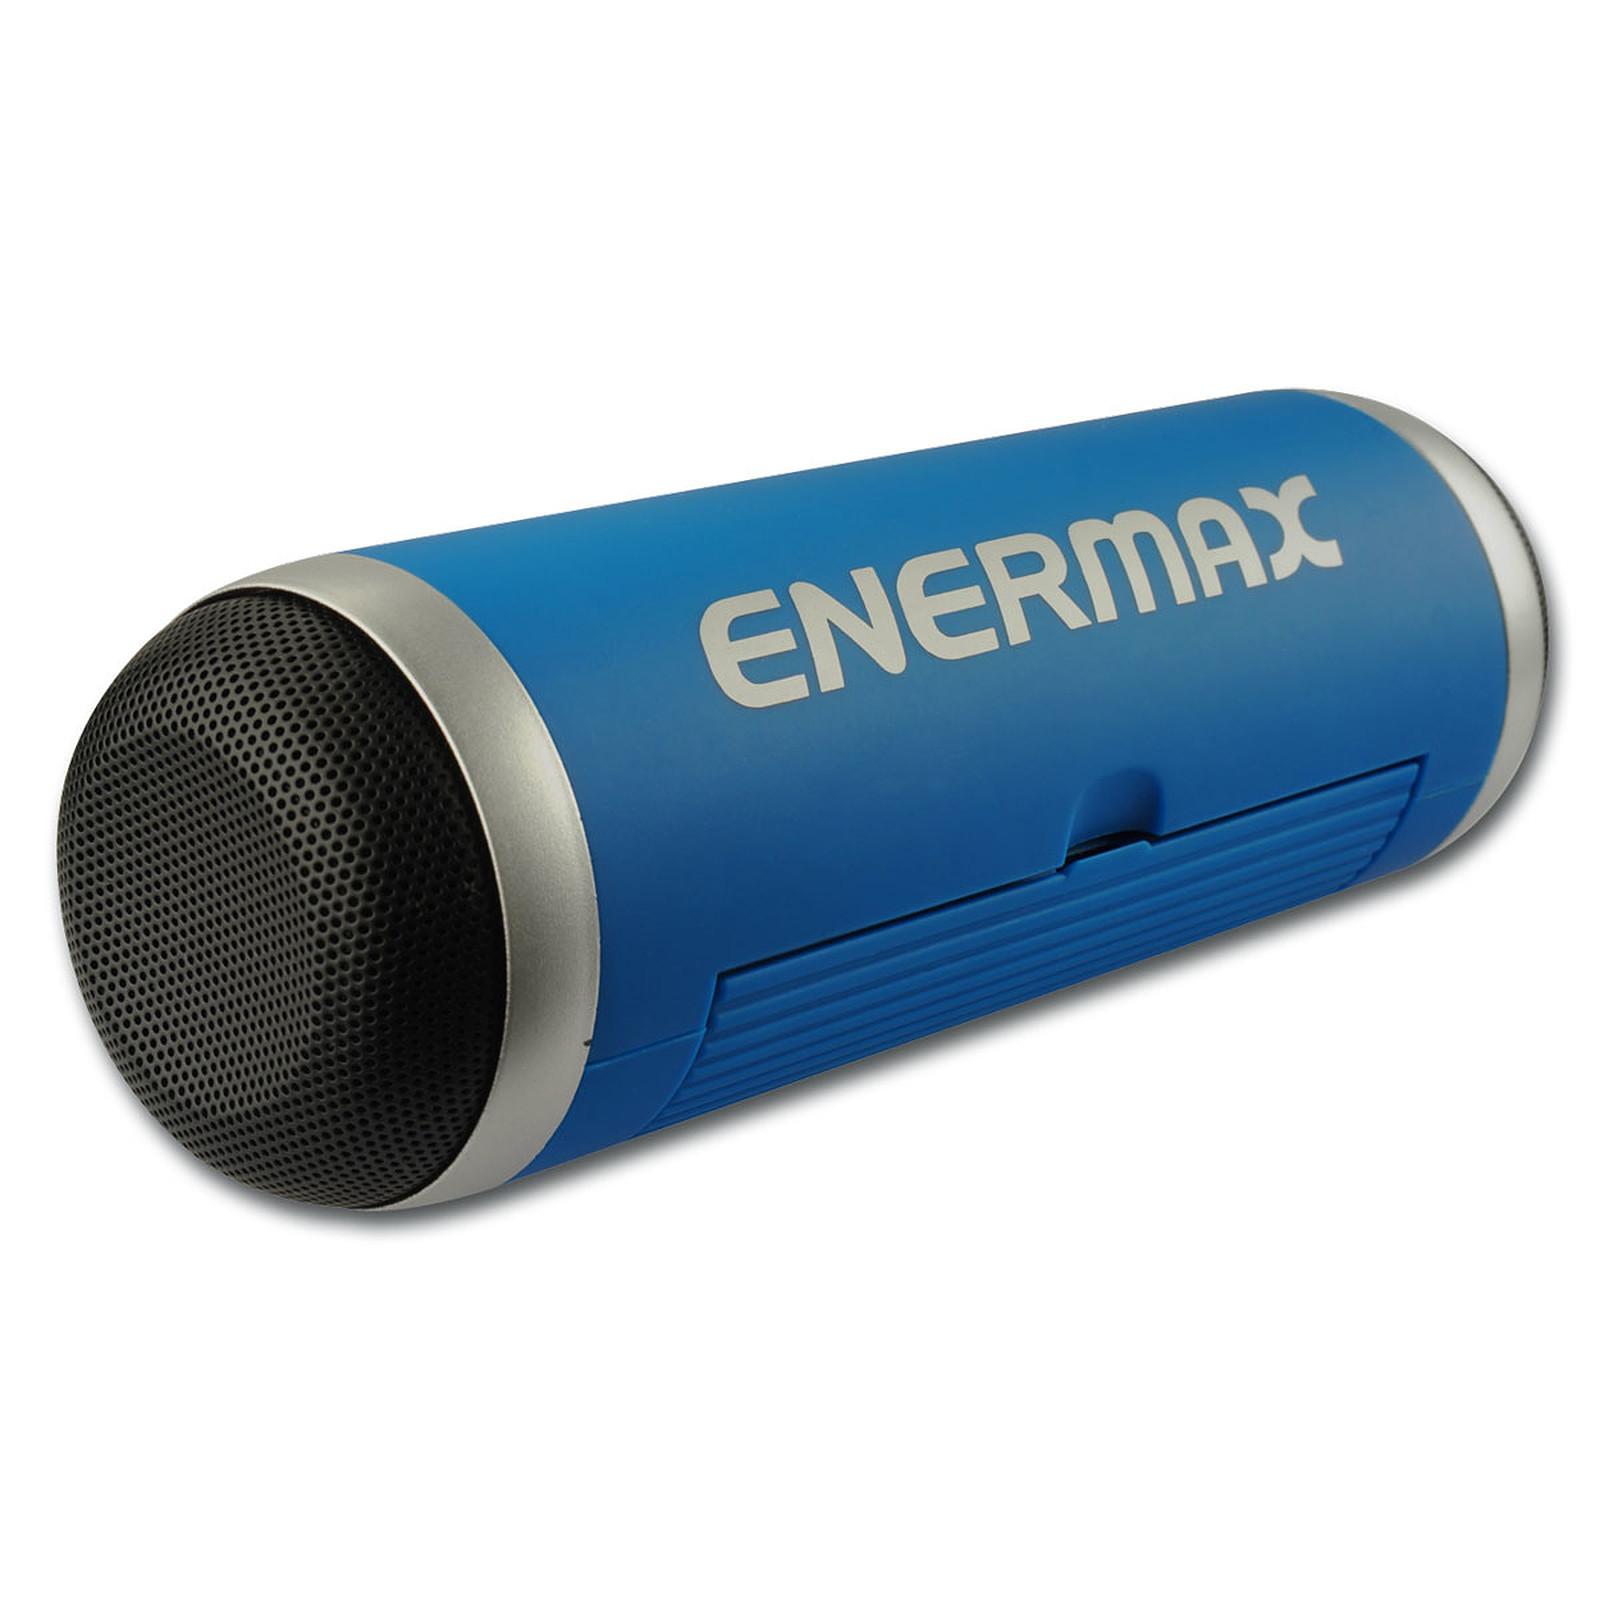 Enermax EAS01 Bleu